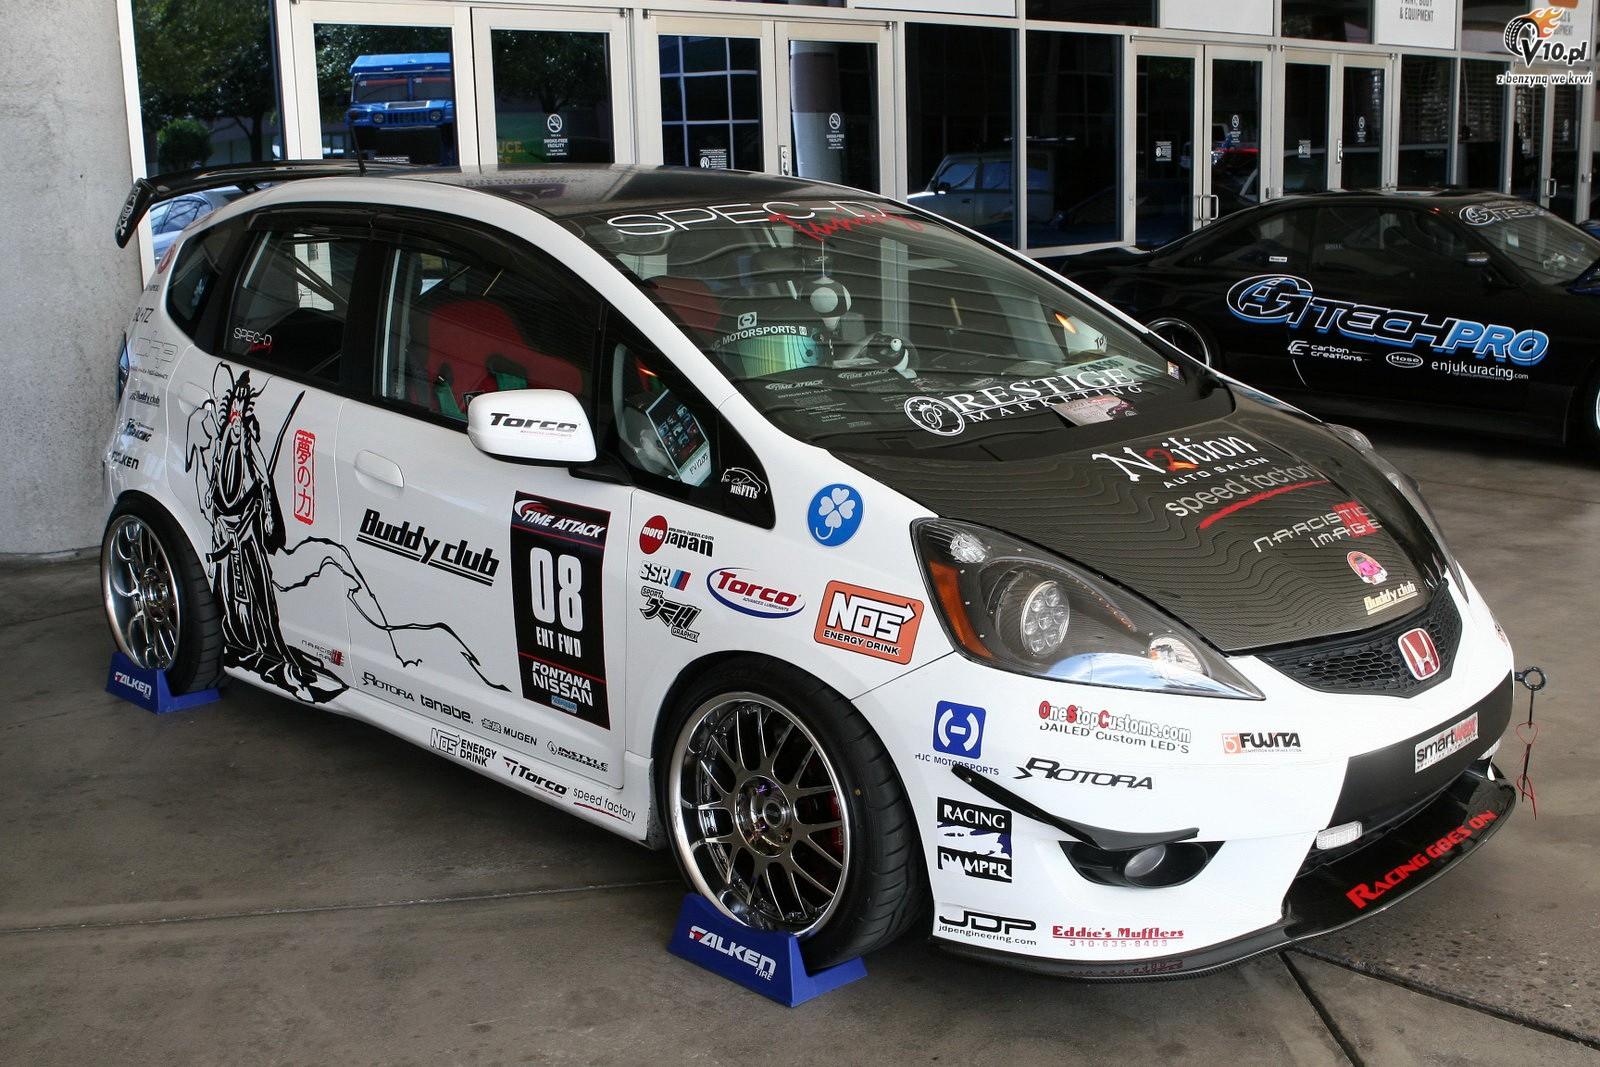 Sema 2010 Honda Fit 2009